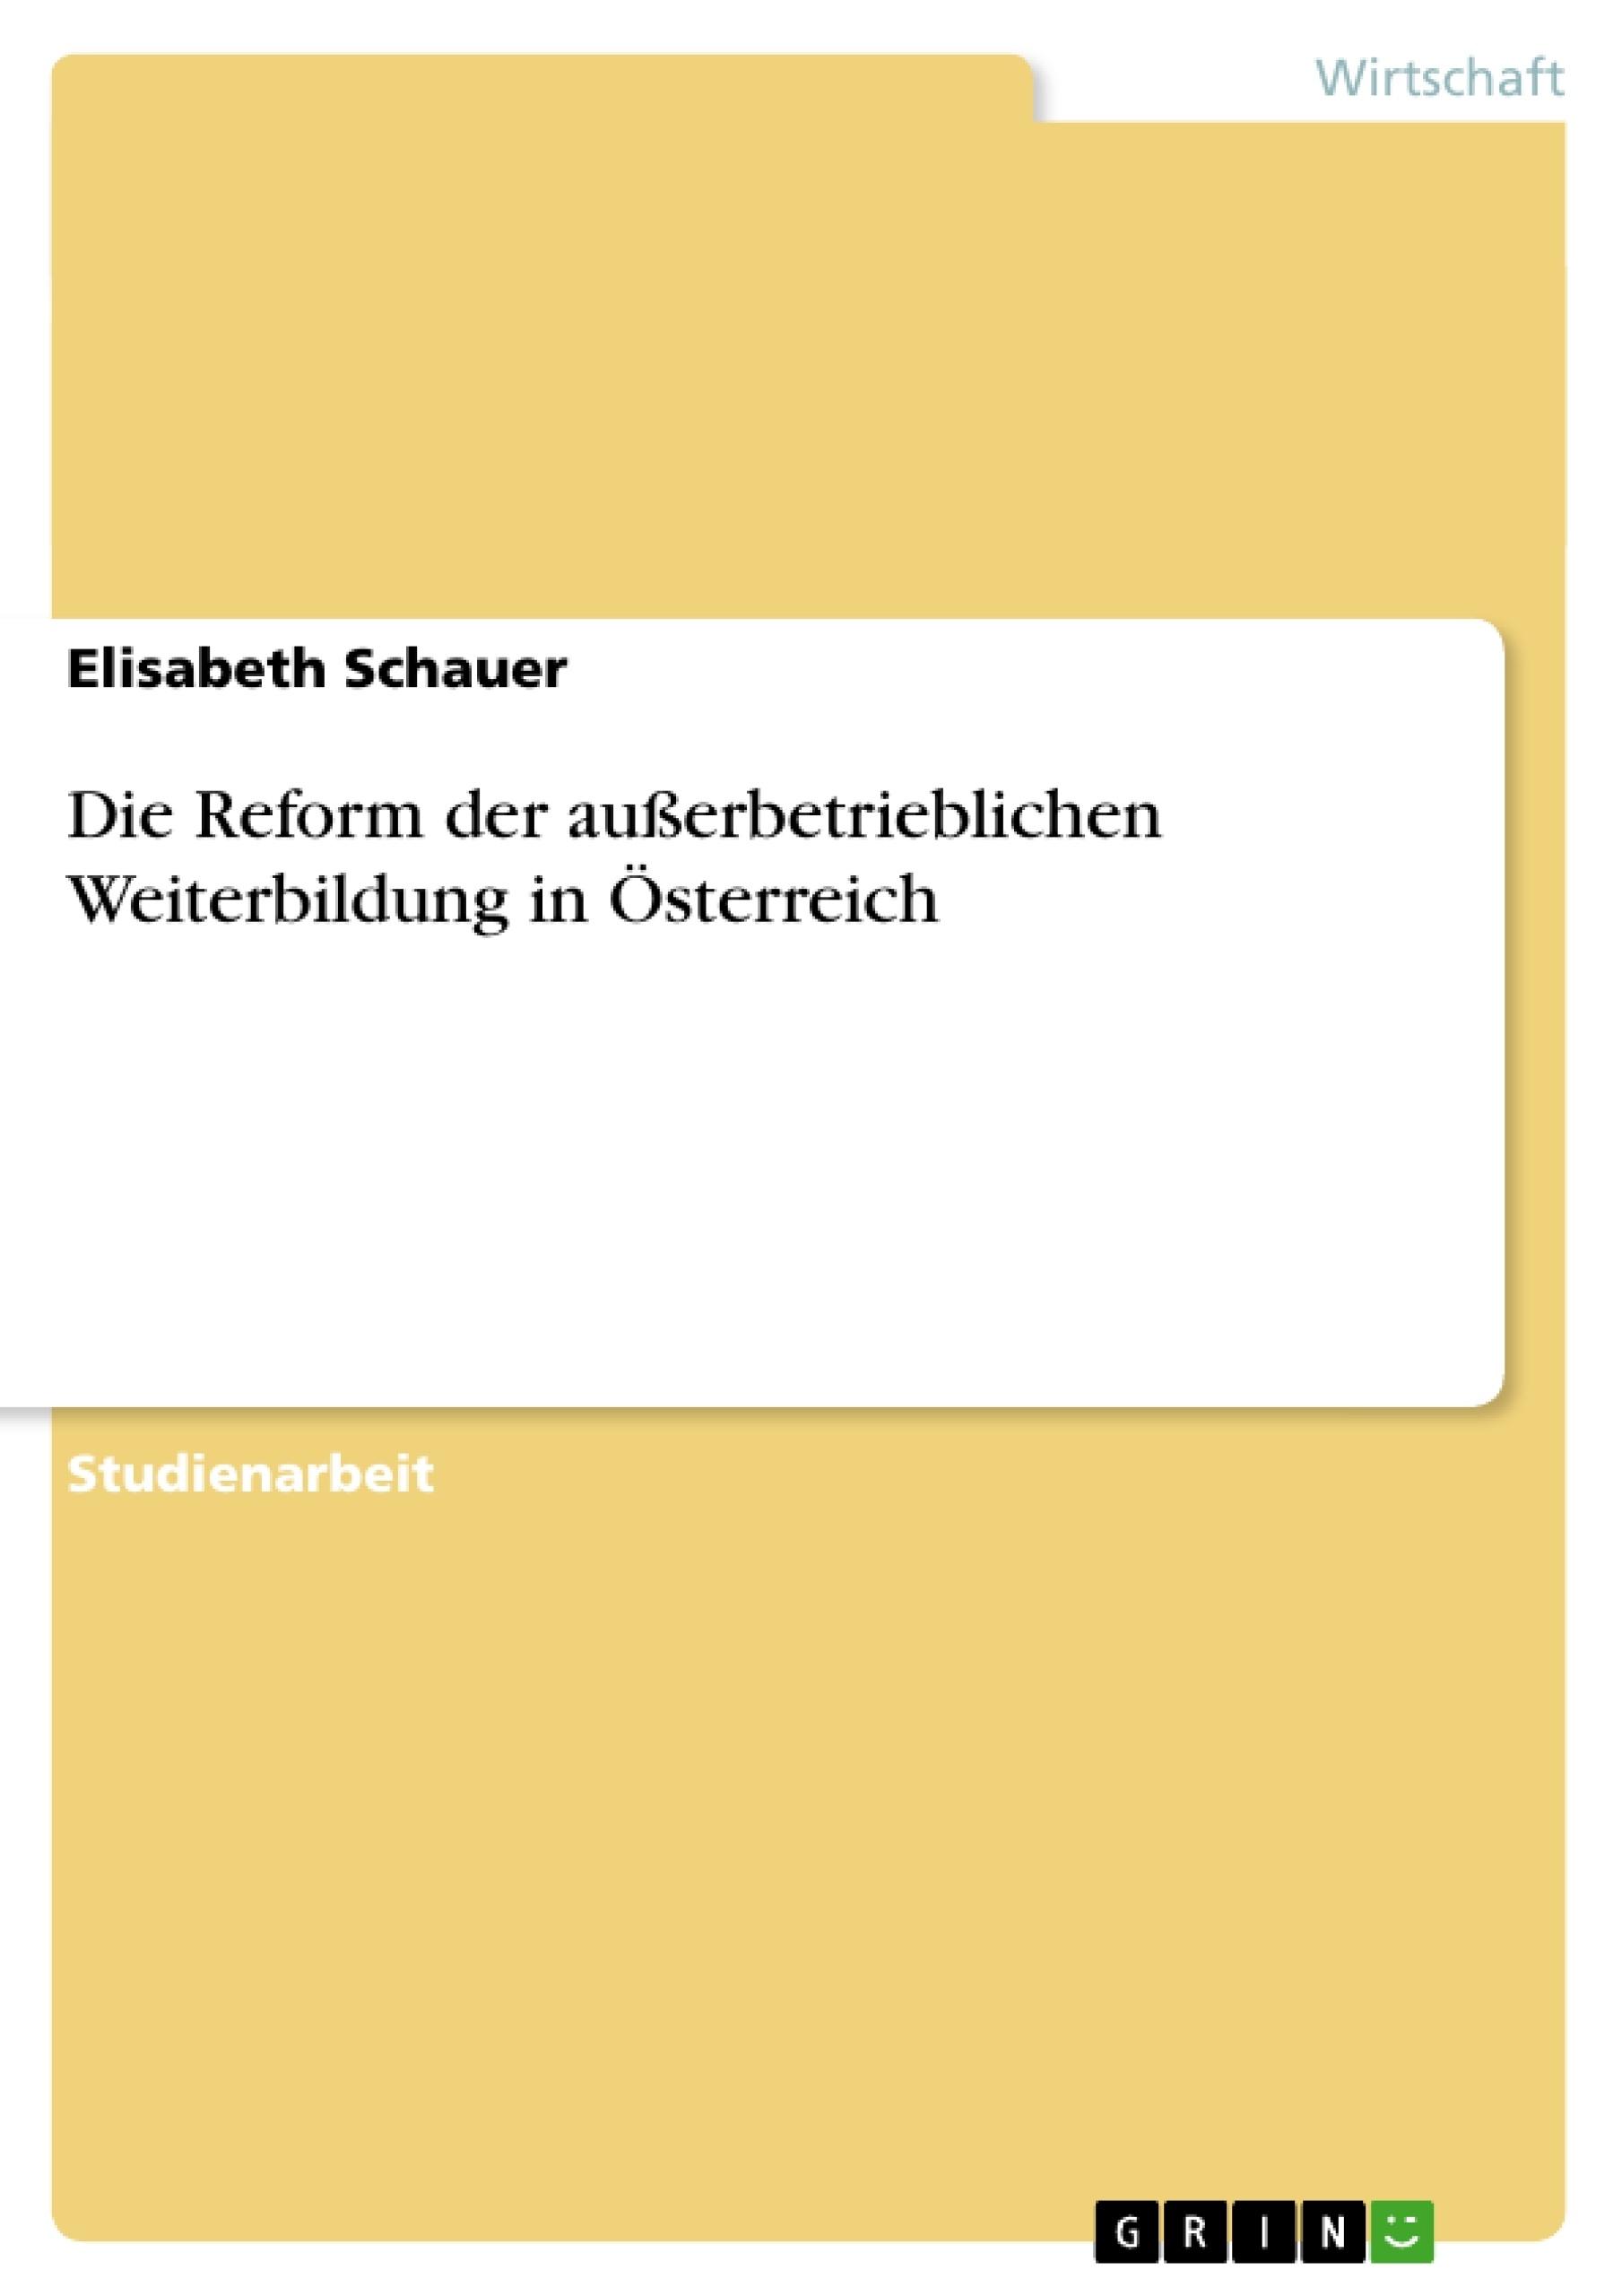 Titel: Die Reform der außerbetrieblichen Weiterbildung in Österreich